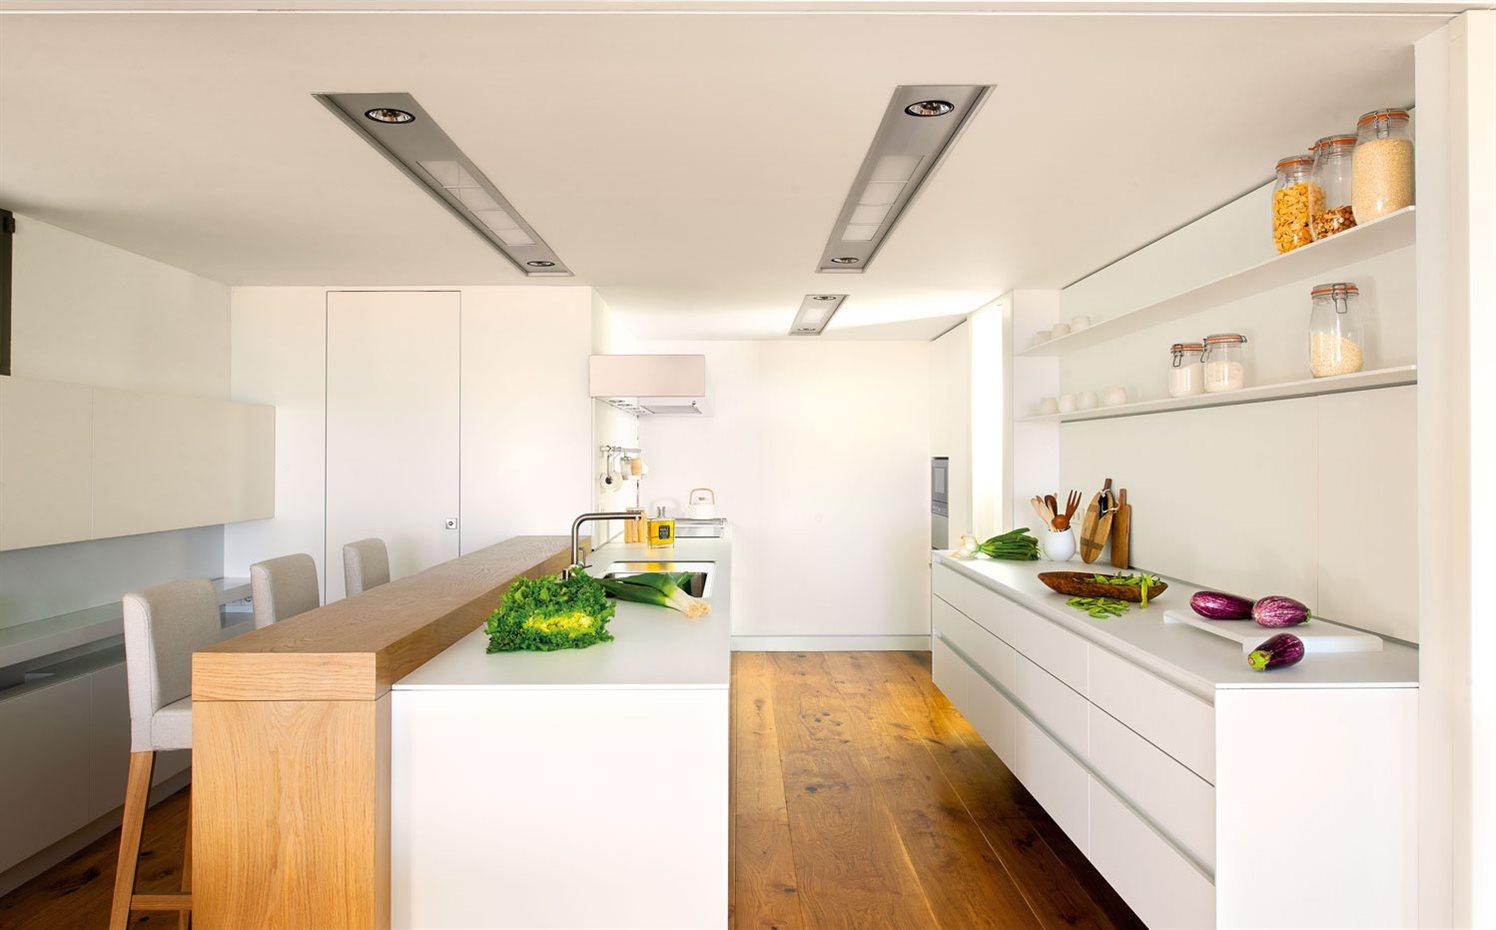 Pintar de blanco la mejor soluci n para reformar la cocina - Precios encimeras cocina ...